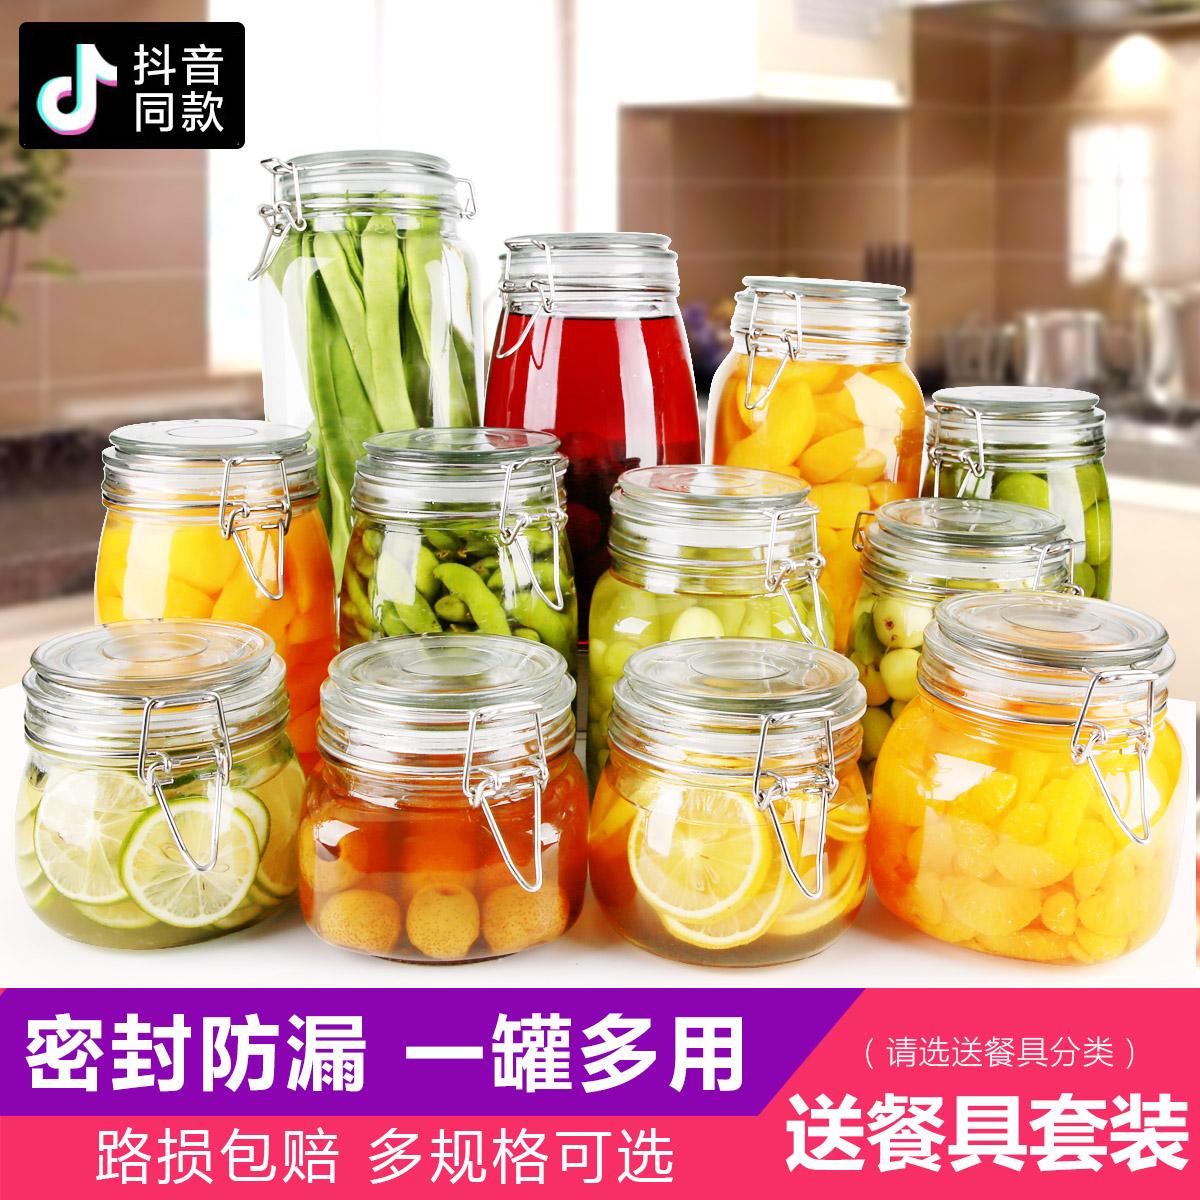 创得玻璃密封罐蜂蜜柠檬果酱腌